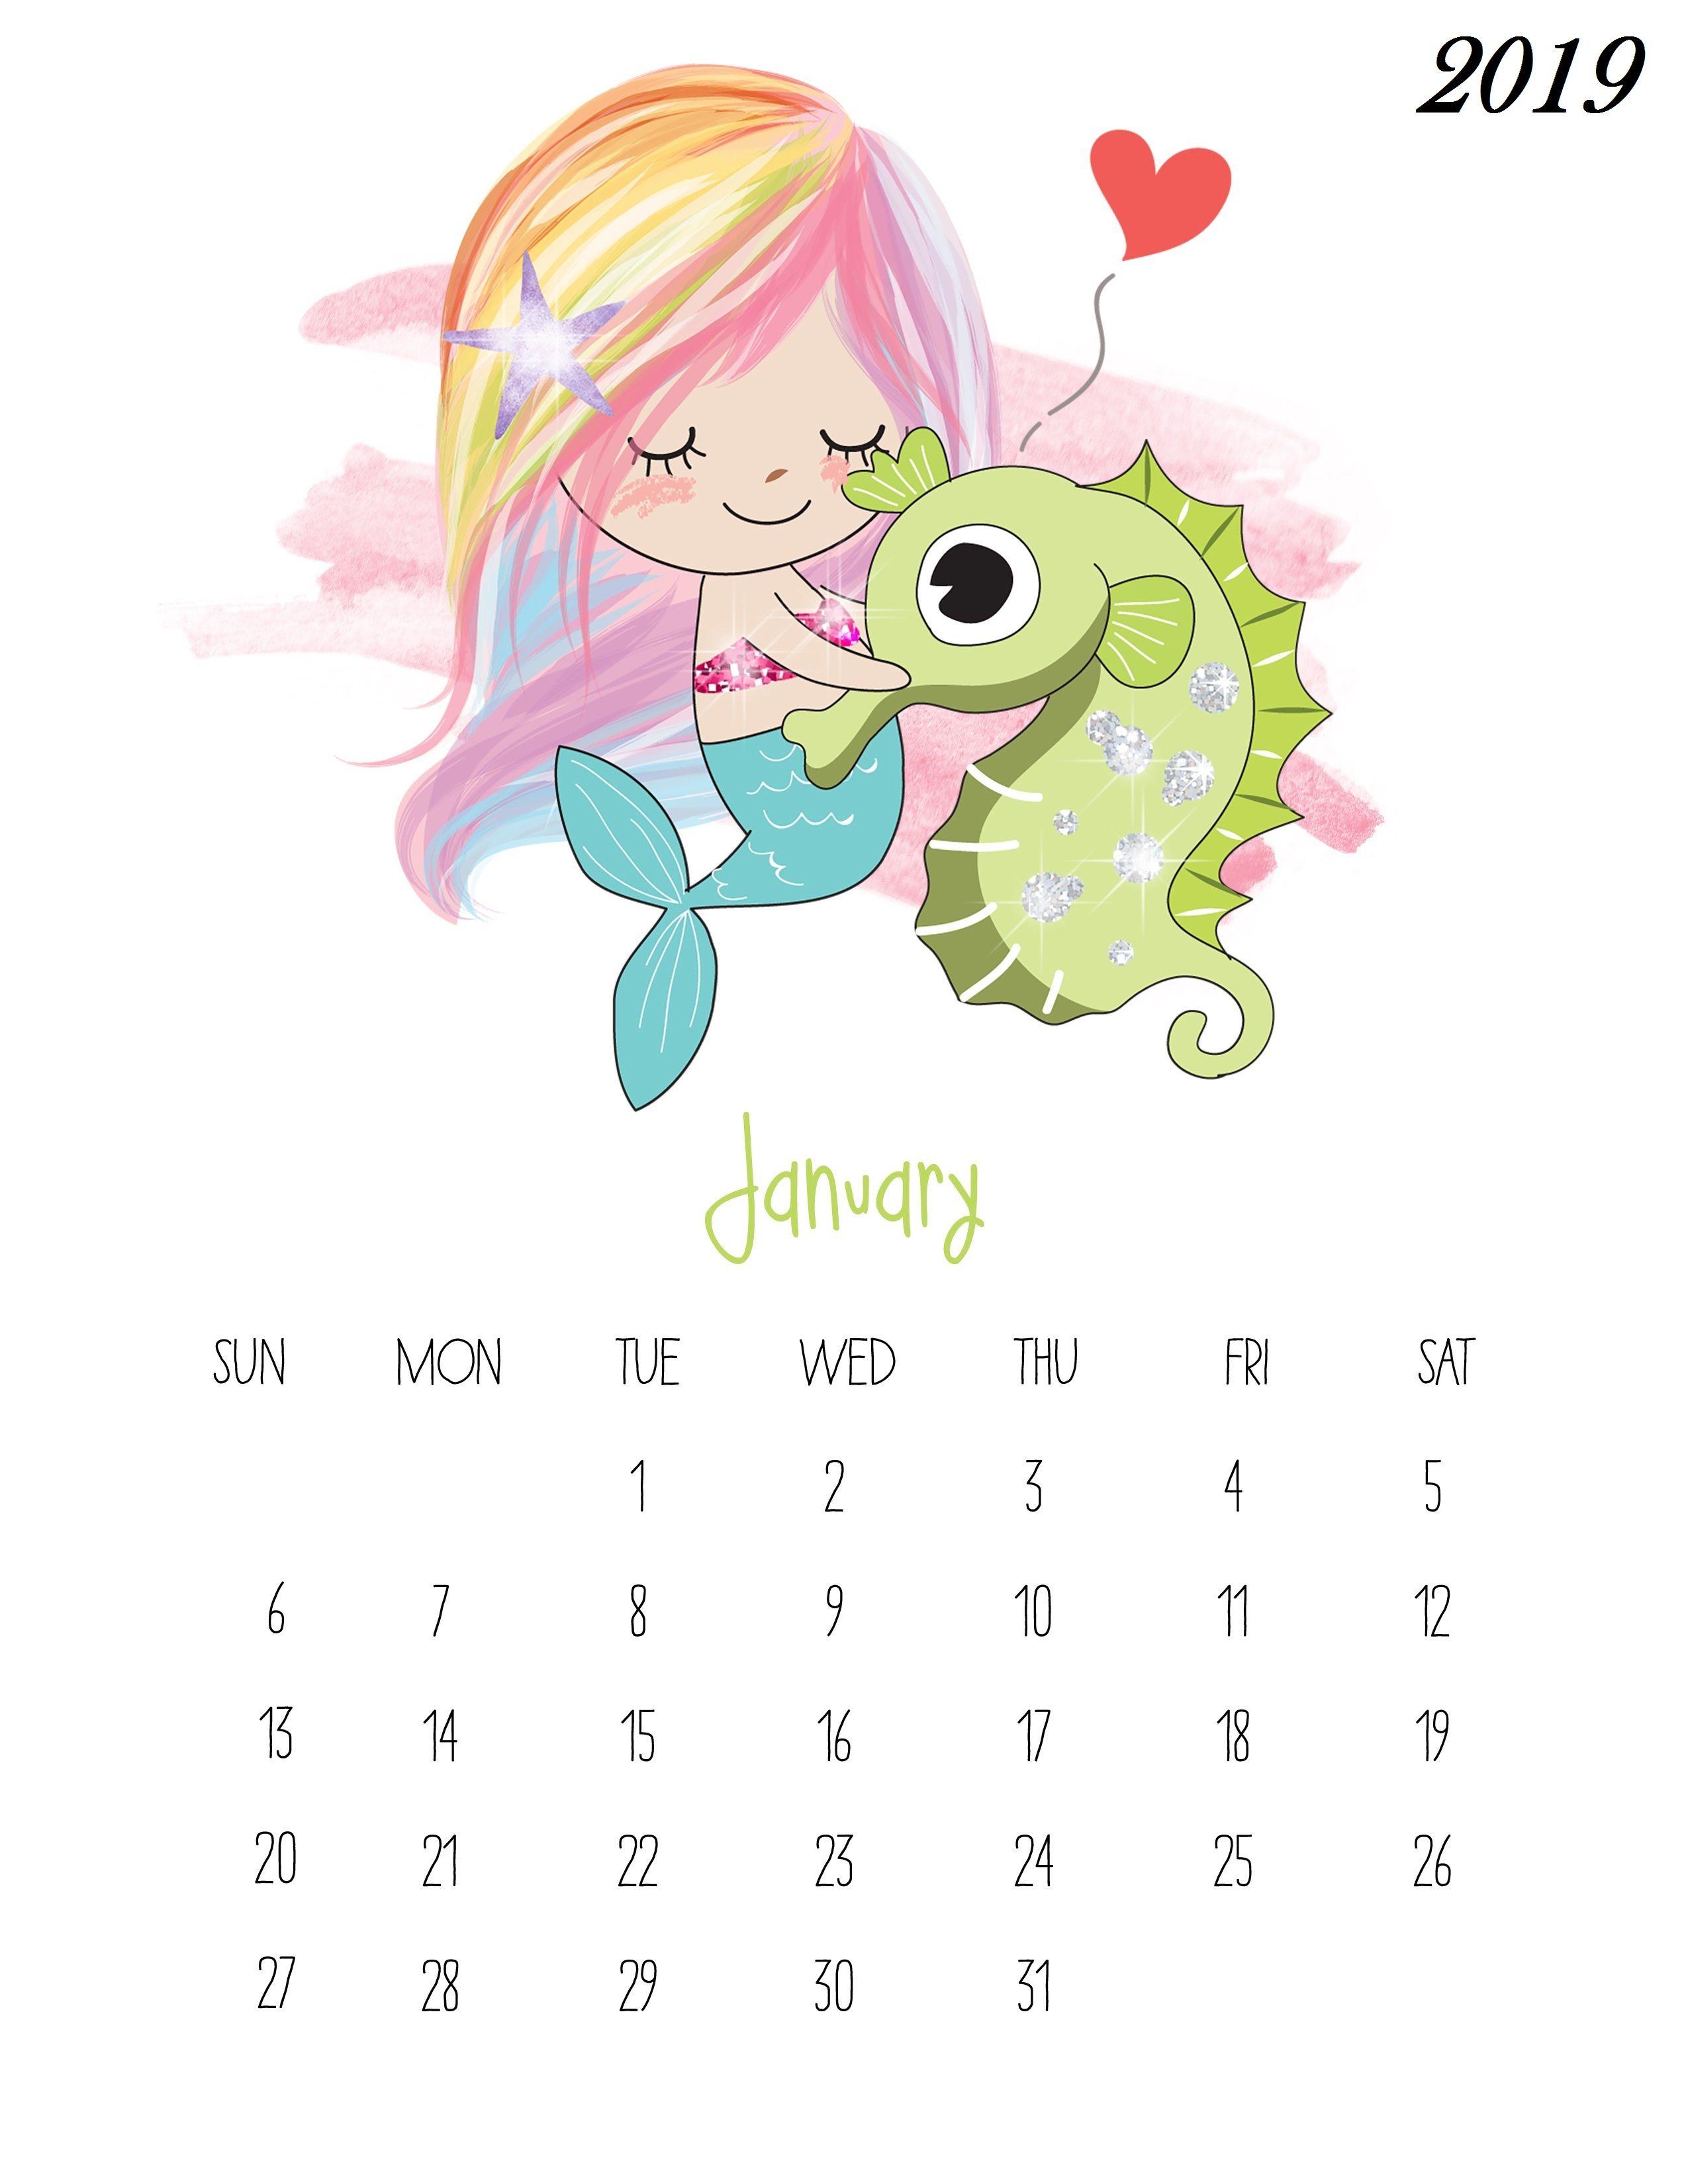 Printable Calendar 2019 Pocahontas Prinsess For February For Kids Cute January Calendar 2019 for Kids | 250+ January 2019 Calendar